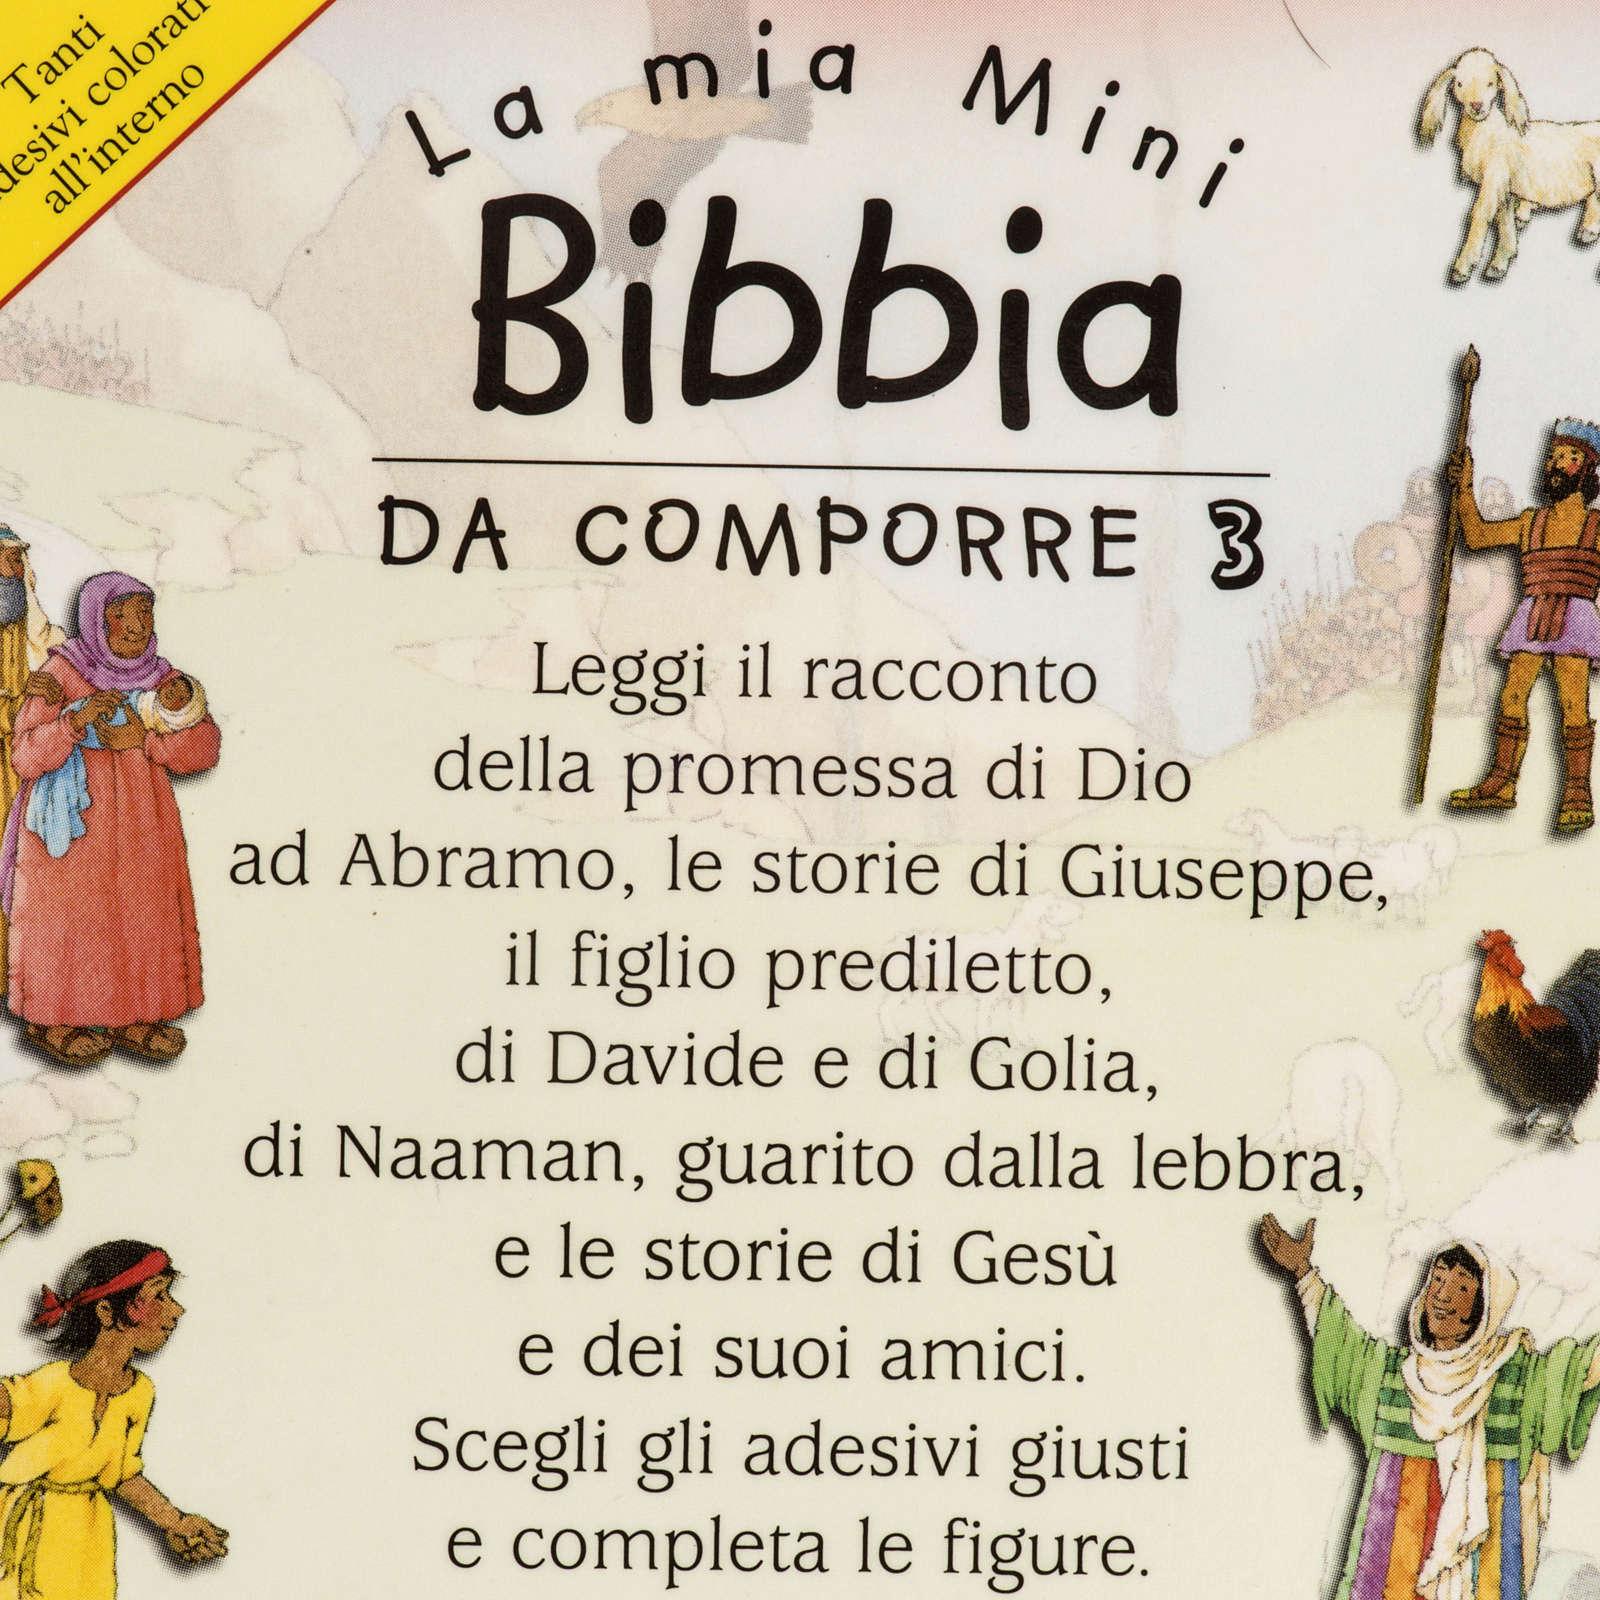 La Mia Mini Bibbia da comporre 3 4